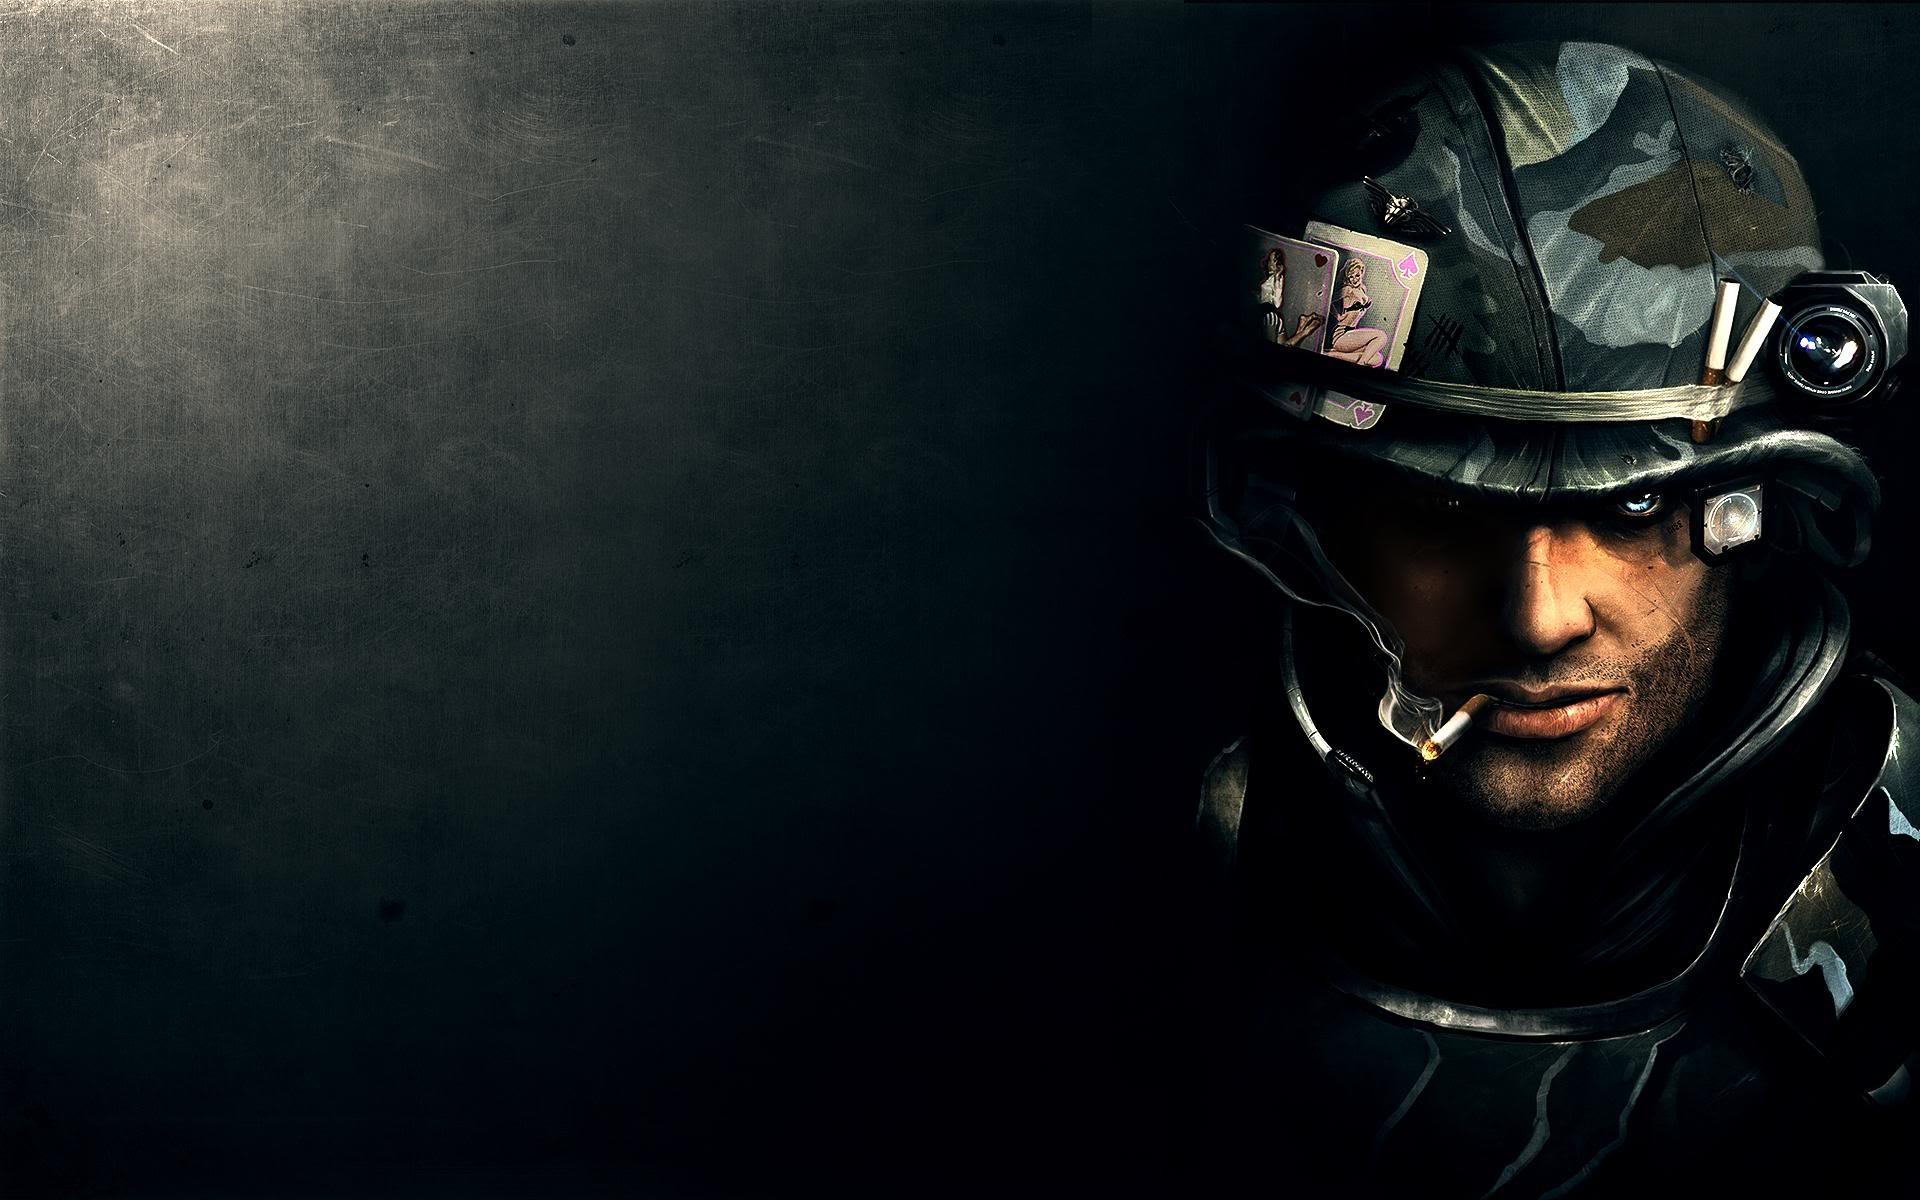 Un soldado de videojuegos - 1920x1200